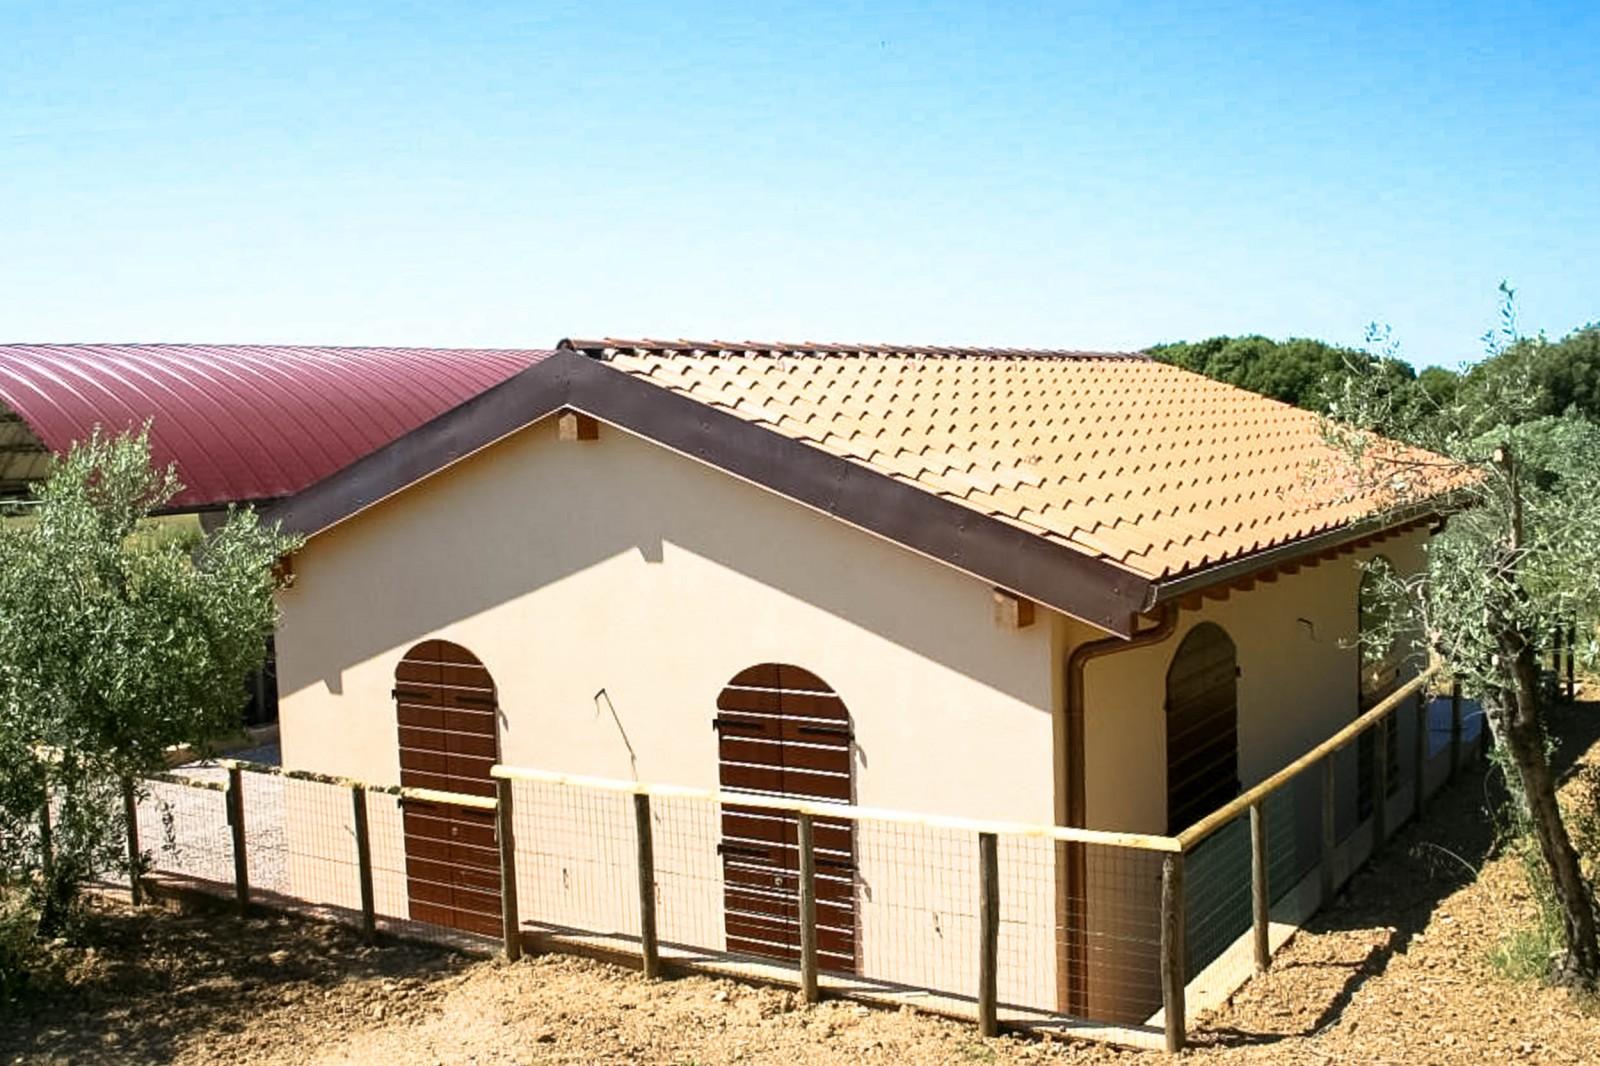 Casa Prefabbricata Legno : Case prefabbricate in legno: il prezzo fisso e certo tecnocomfort case